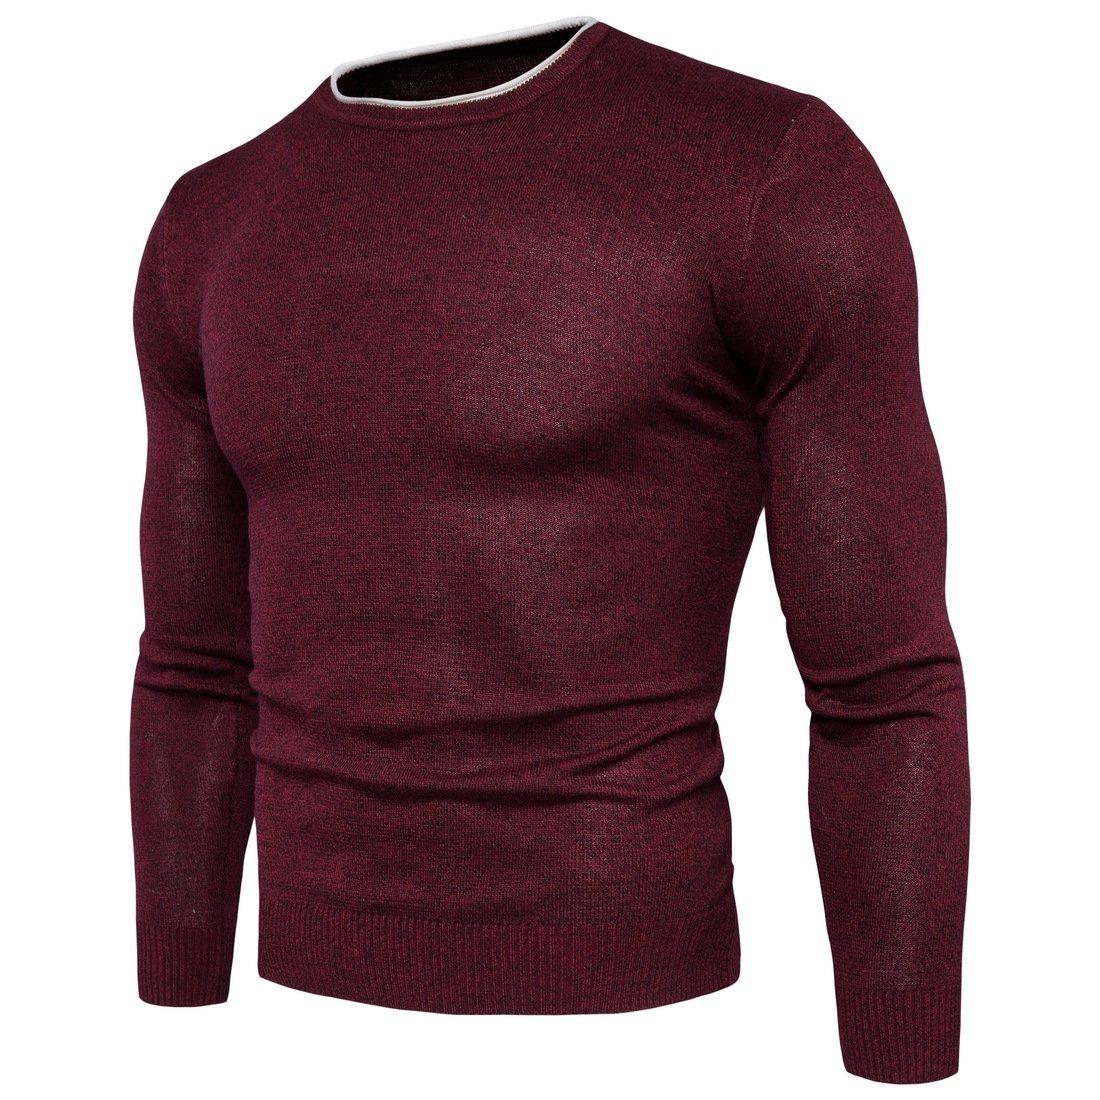 HY-Sweater Herren Pullover Herbst und Winter warm mit runder Kragen lässig Sau Absicherung B077RJD7KT Westen Nicht so teuer